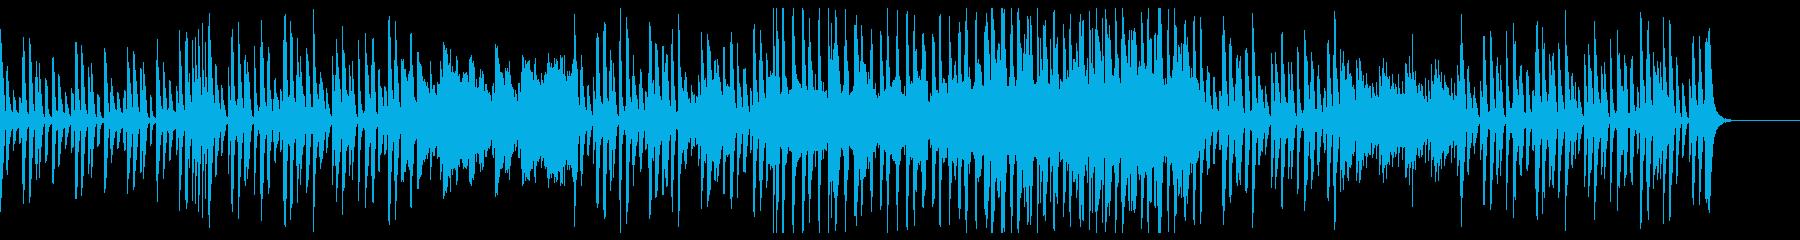 モダンで爽やか知的-企業CM、商品紹介の再生済みの波形